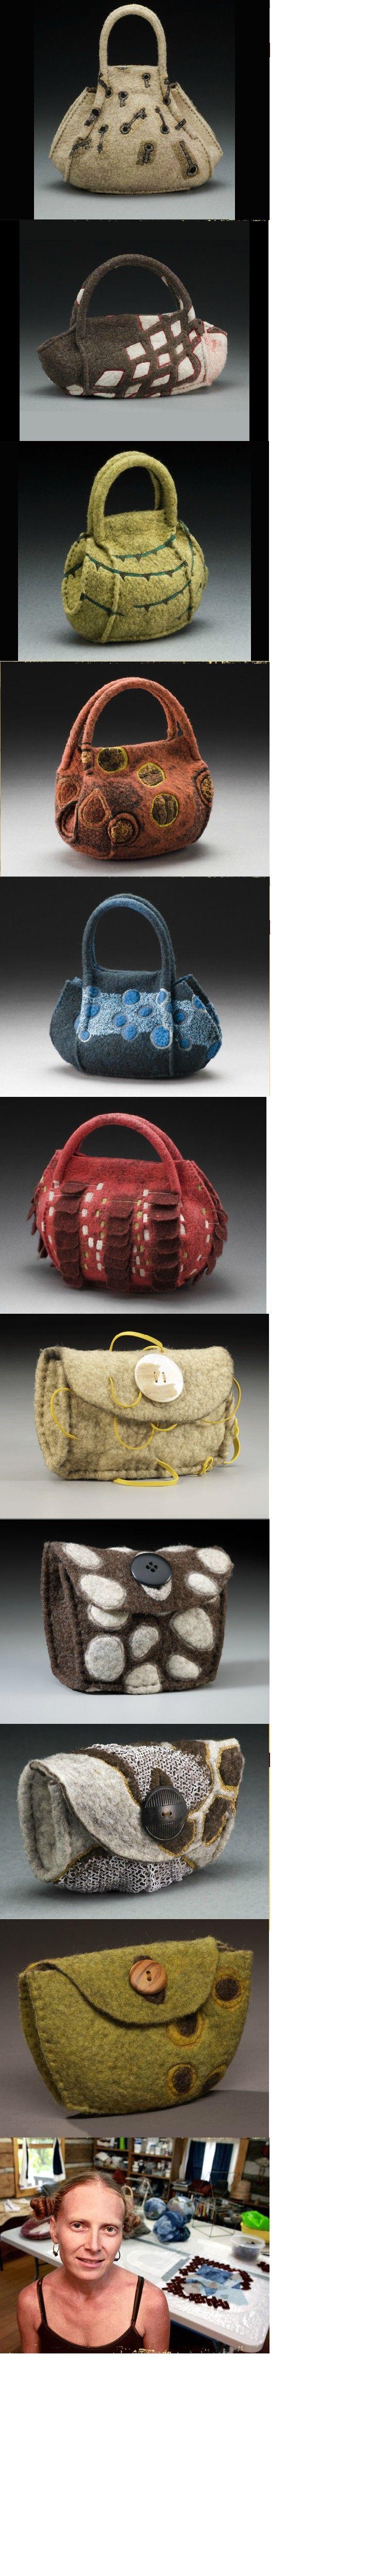 Lisa Klakulak's bags handgemaakte vilten handtassenhttp://www.strongfelt.com/